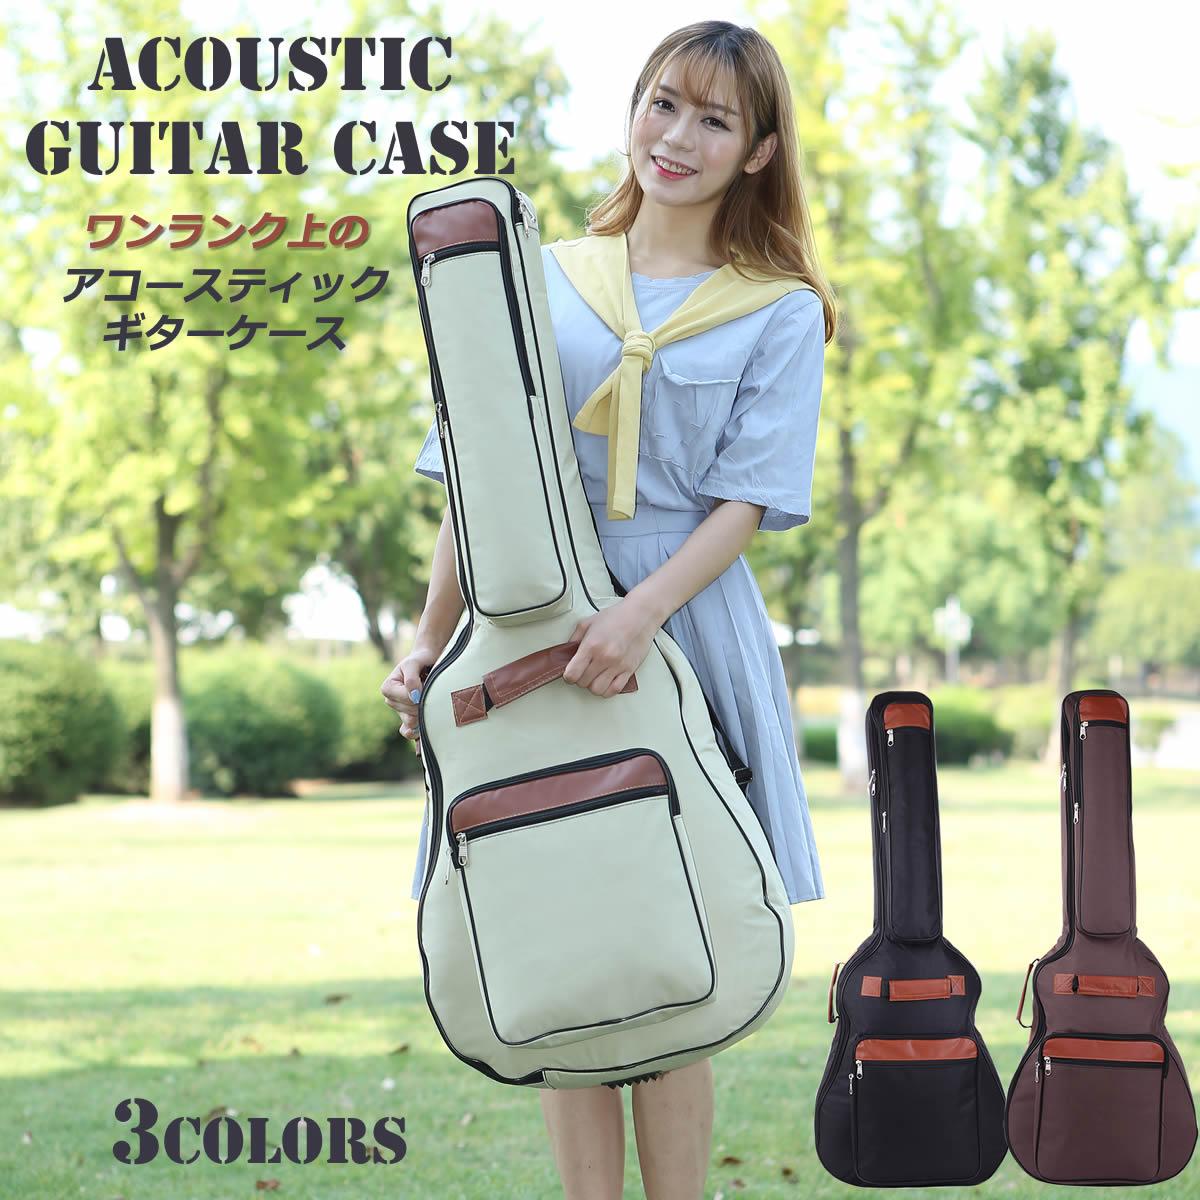 ワンランク上のギターケース登場! アコースティック ギターケース ソフトケース ギター ケース ギグバッグ リュック ギグケース クッション 軽量 キャリーケース キャリーバッグ 送料無料